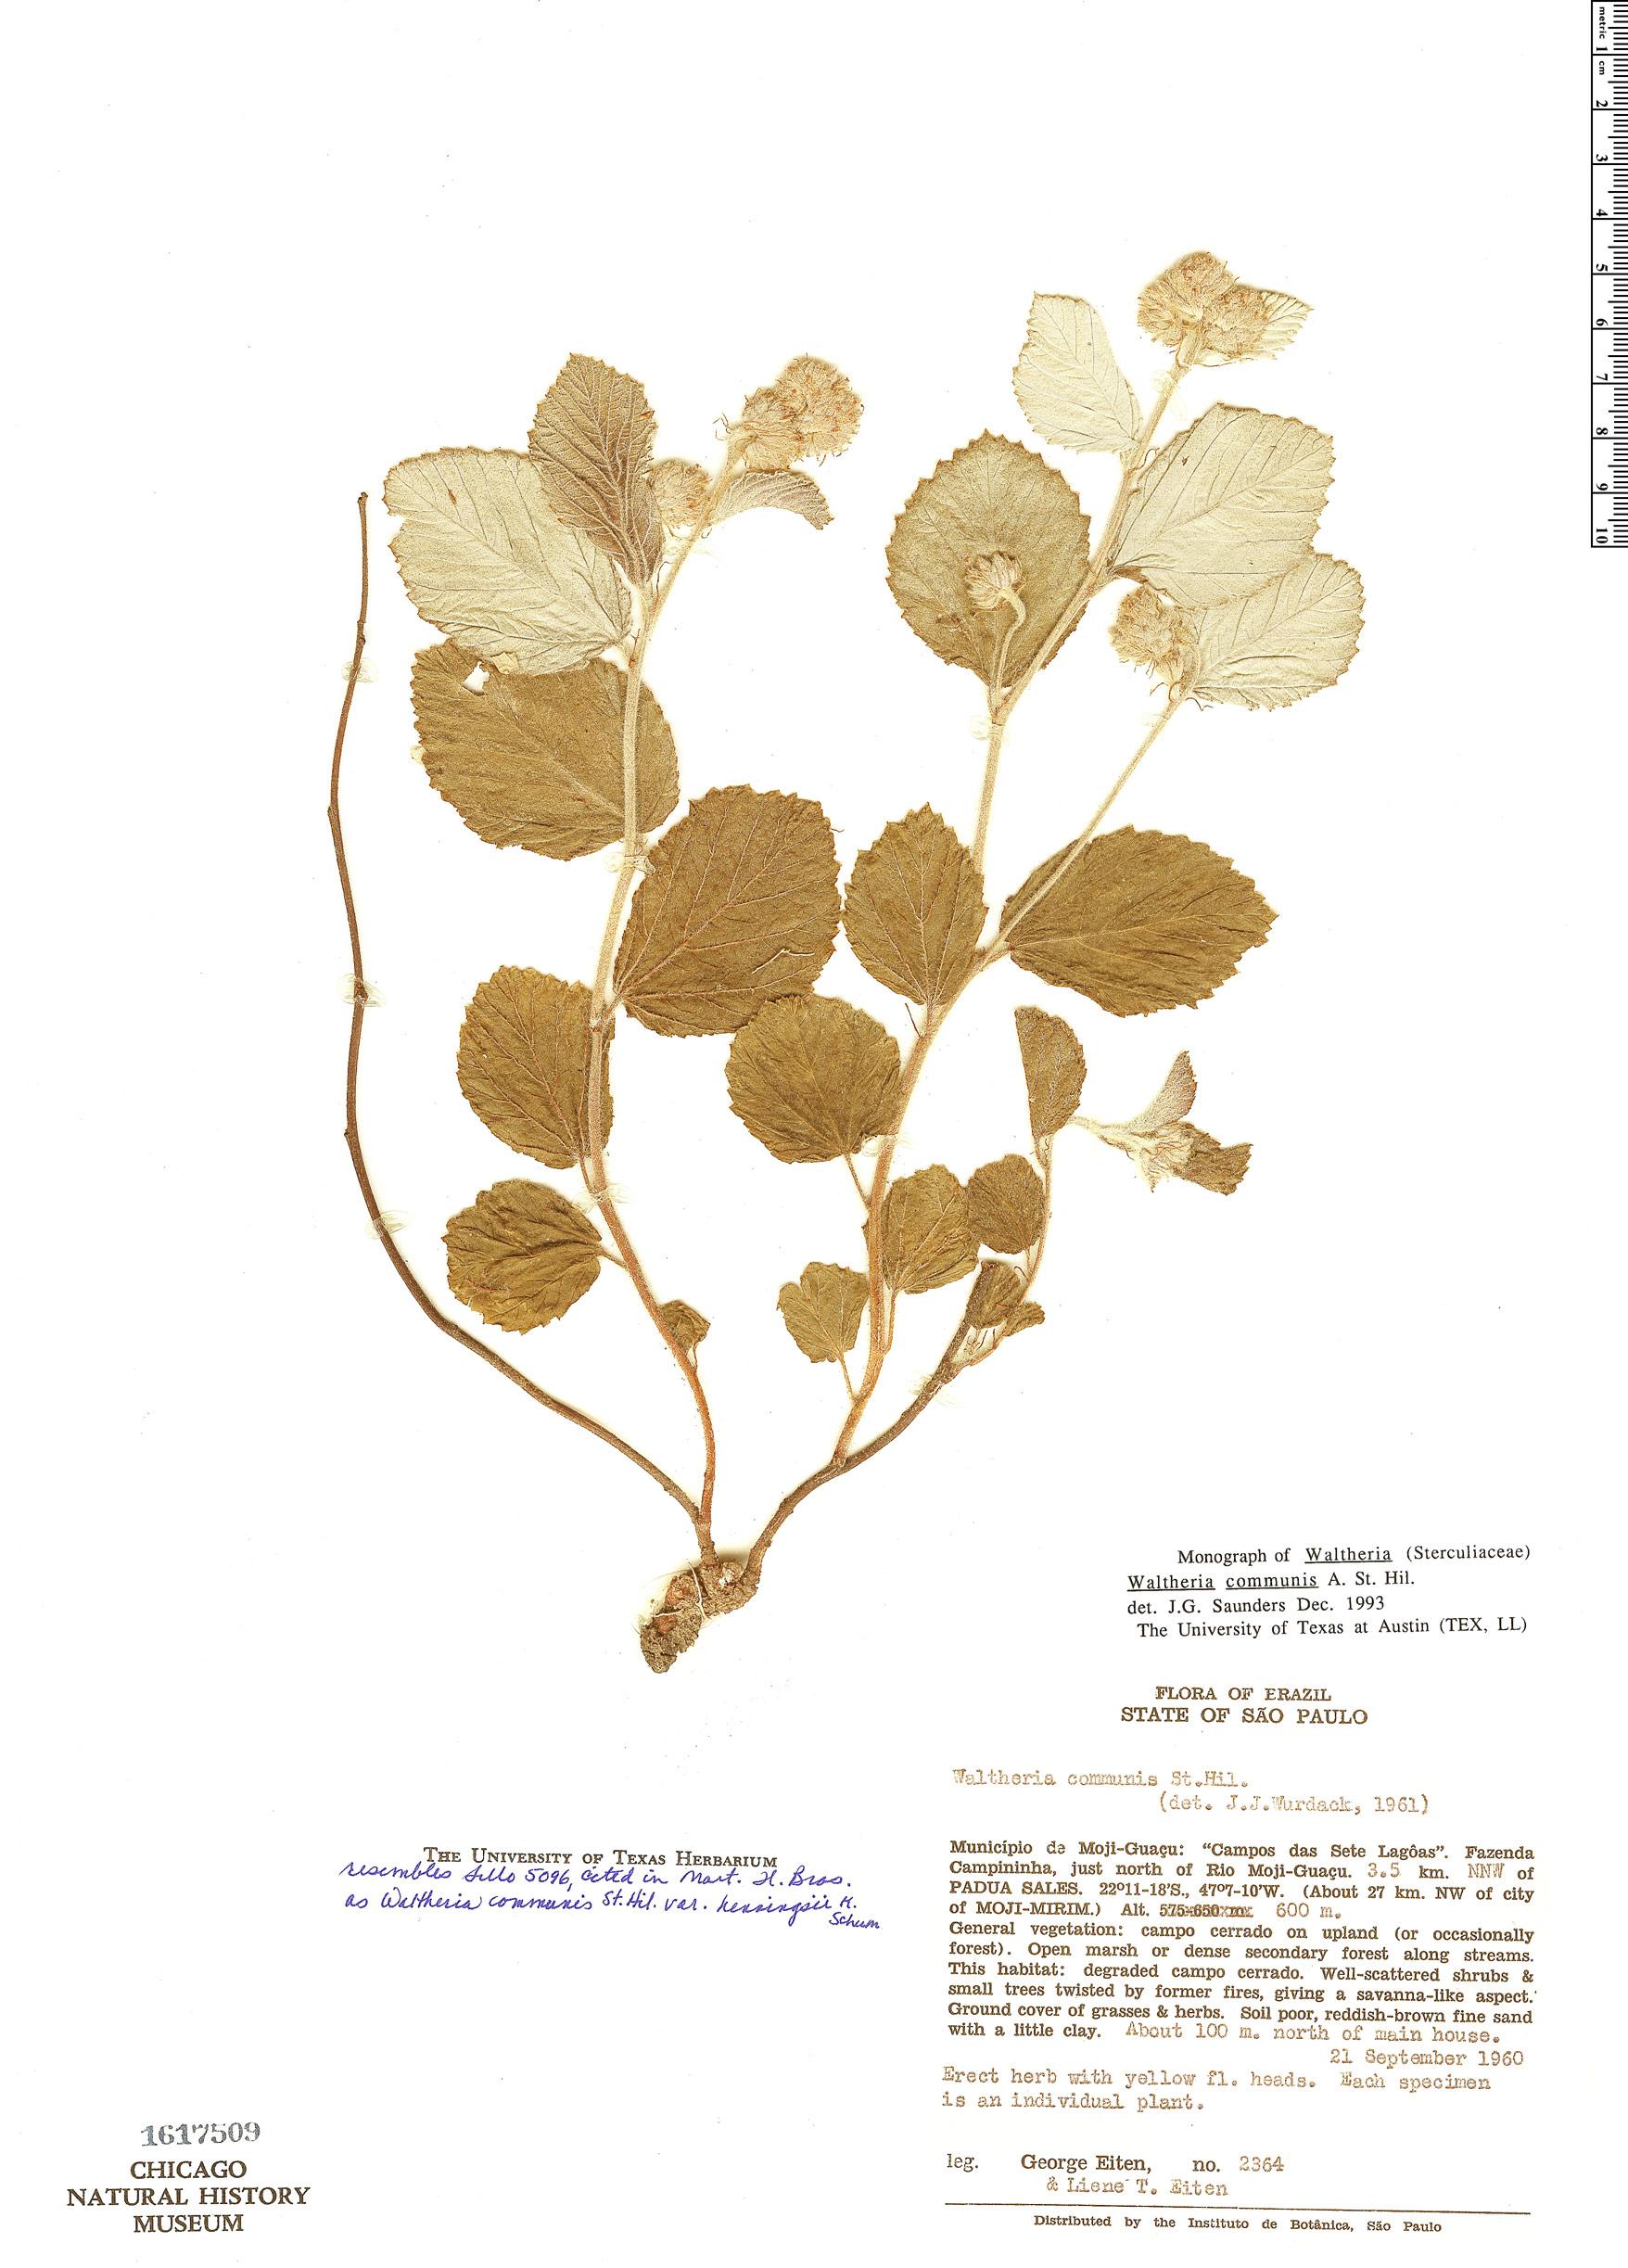 Specimen: Waltheria communis